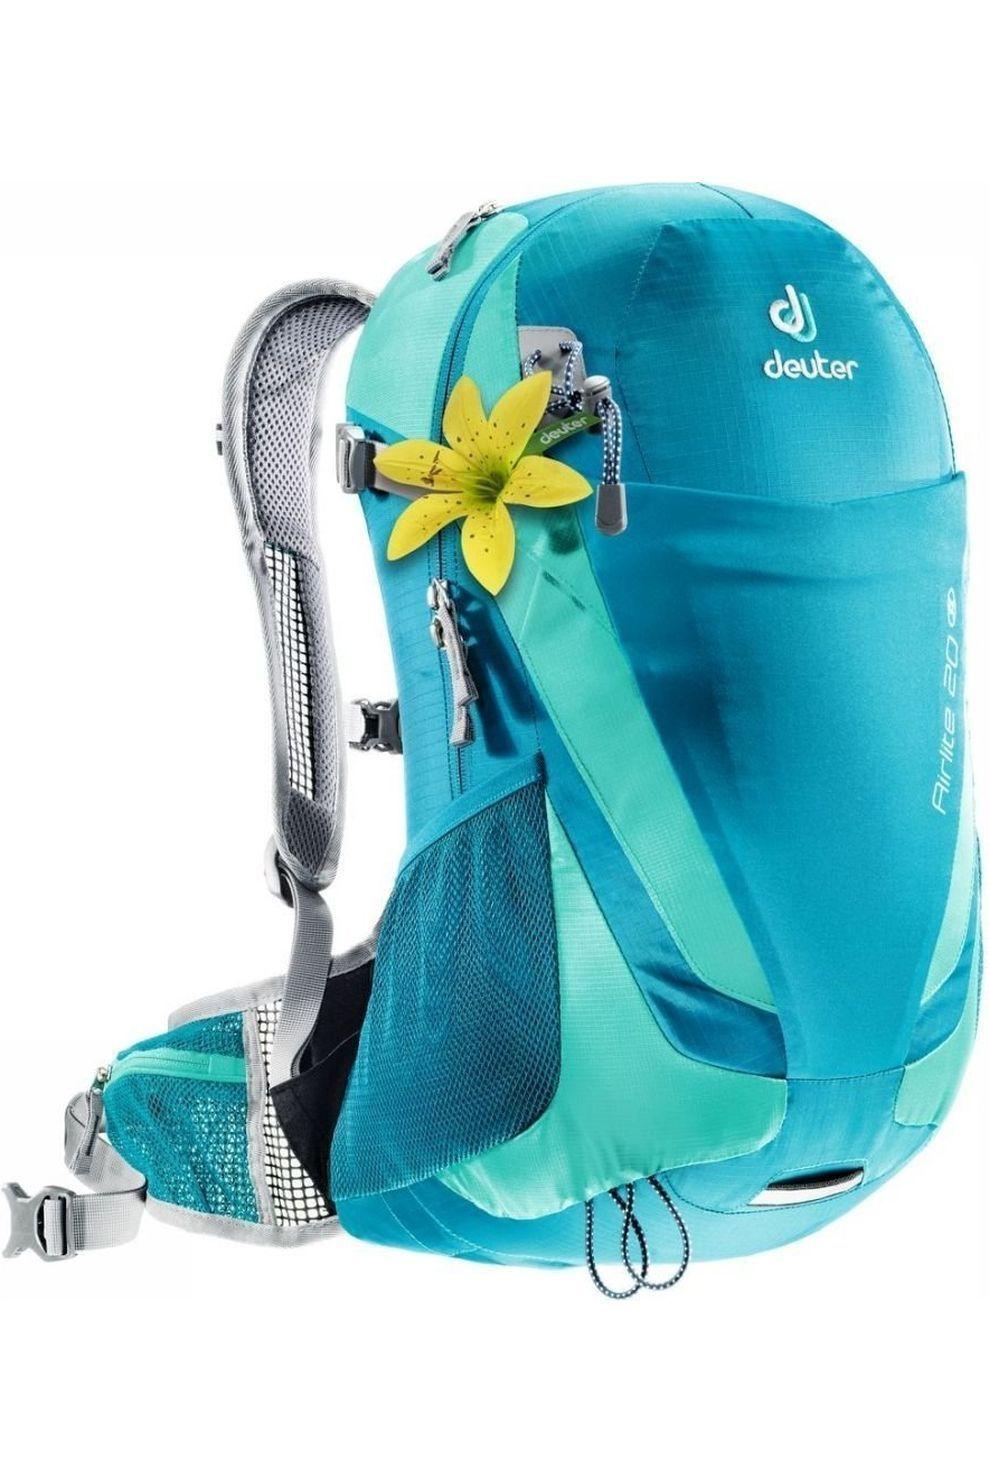 Deuter Dagrugzak Air Lite 20 SL voor dames - Blauw/Groen